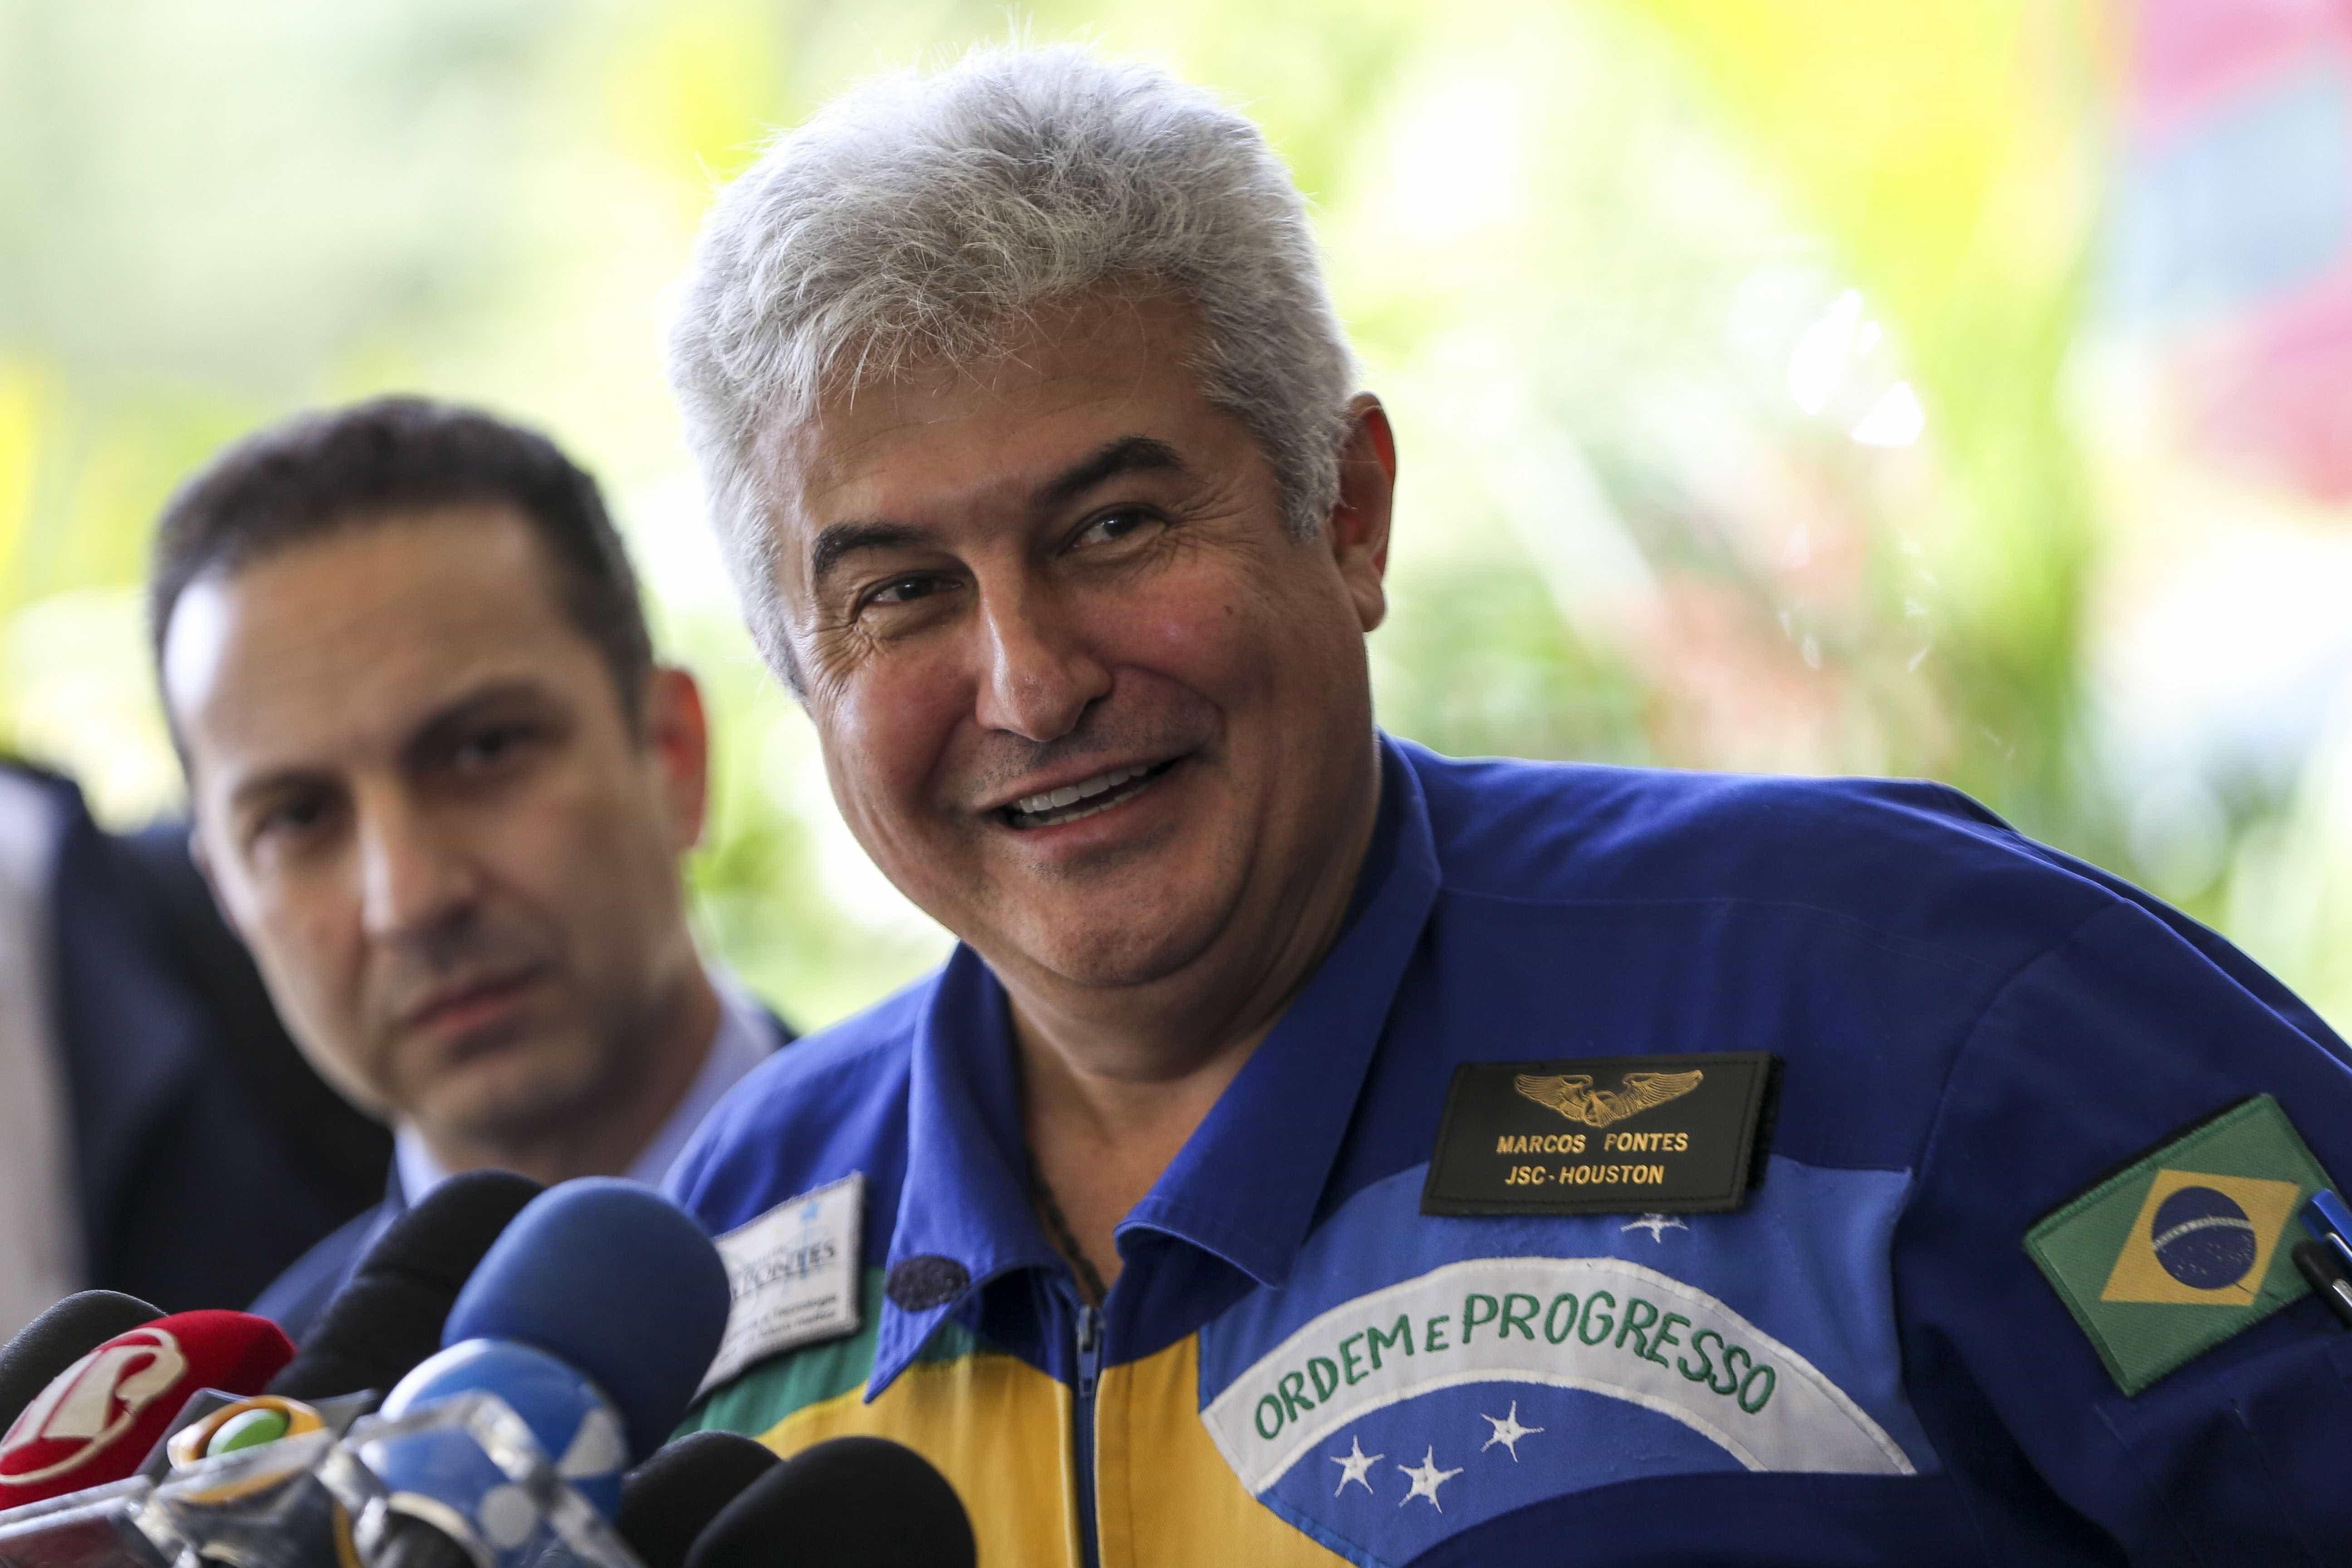 Marcos Pontes rebate Damares: 'Não se deve misturar ciência e religião'